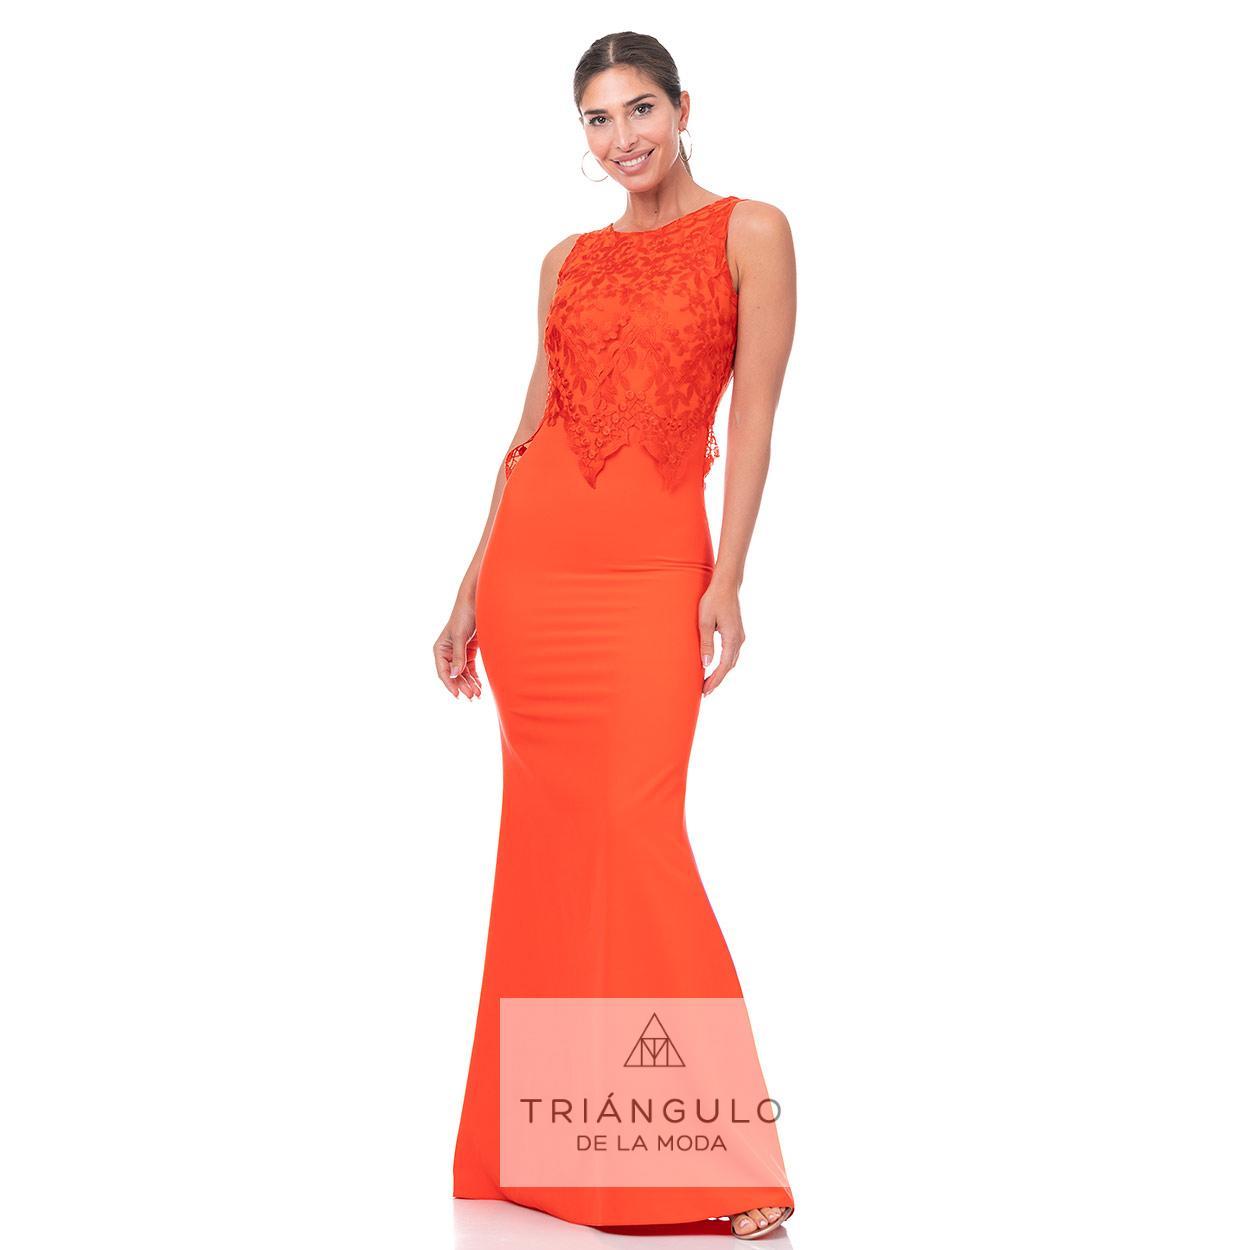 Tienda online del Triangulo de la Moda VESTIDO SIRENA CUERPO BLONDA